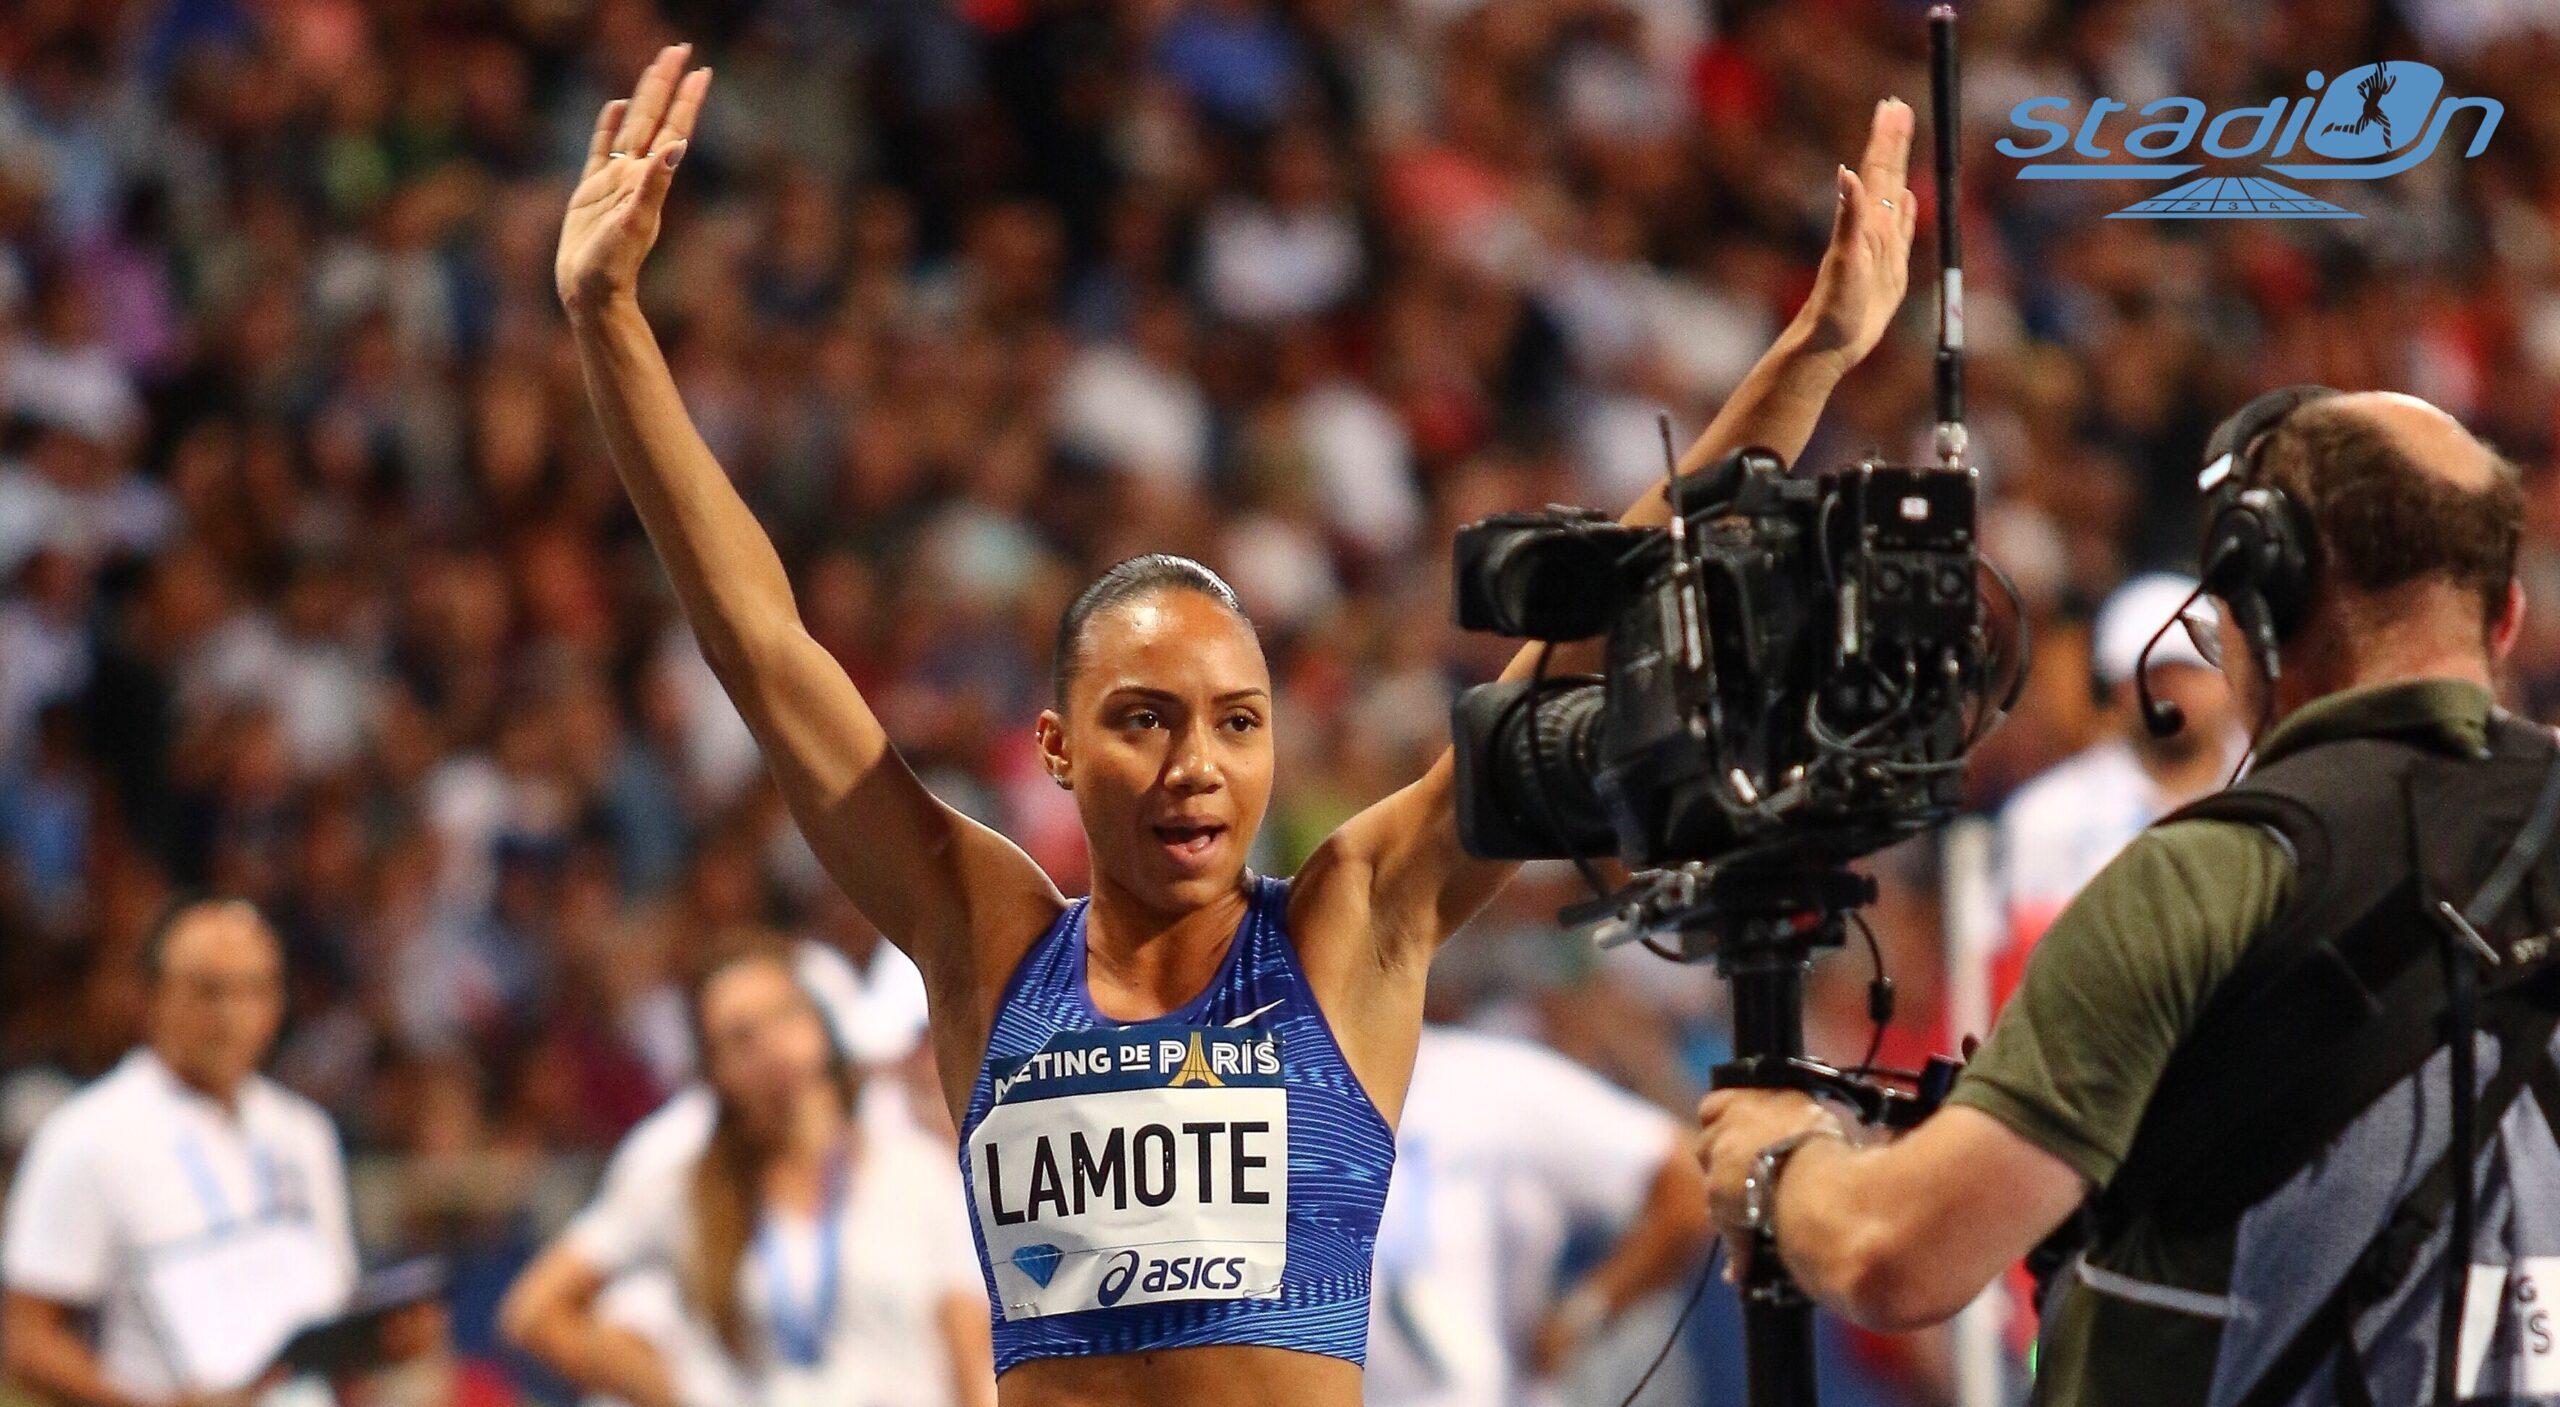 Athlétisme : Le calendrier provisoire de la Diamond League 2021